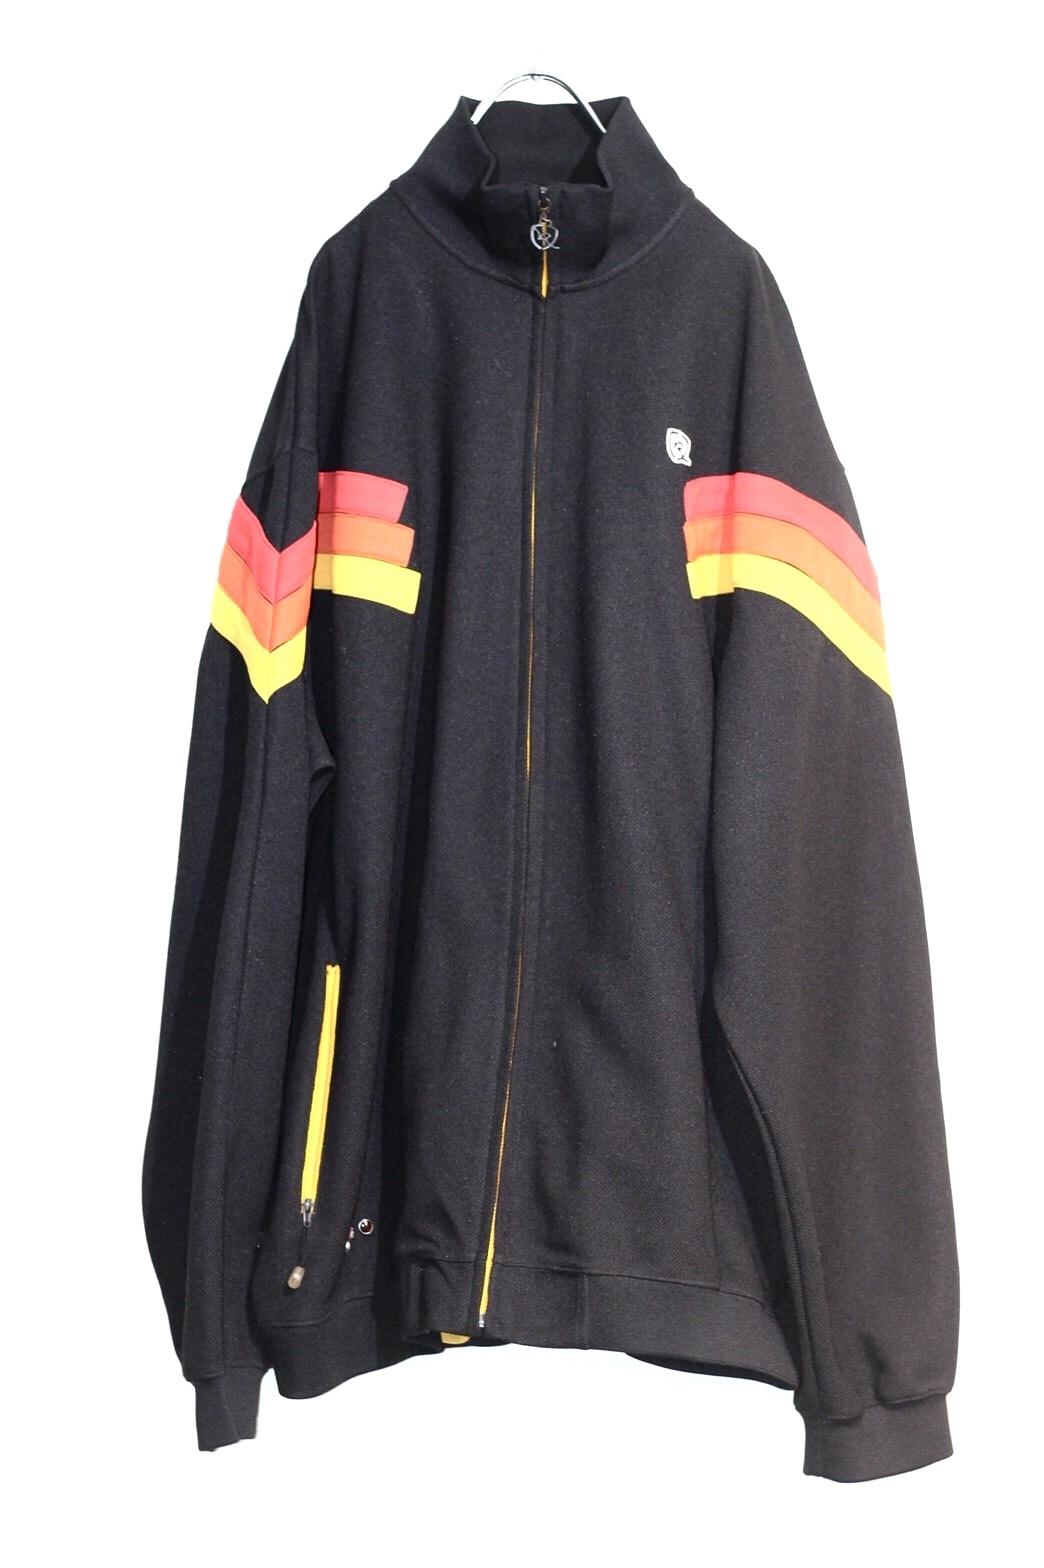 ROCA WEAR jersey jacket